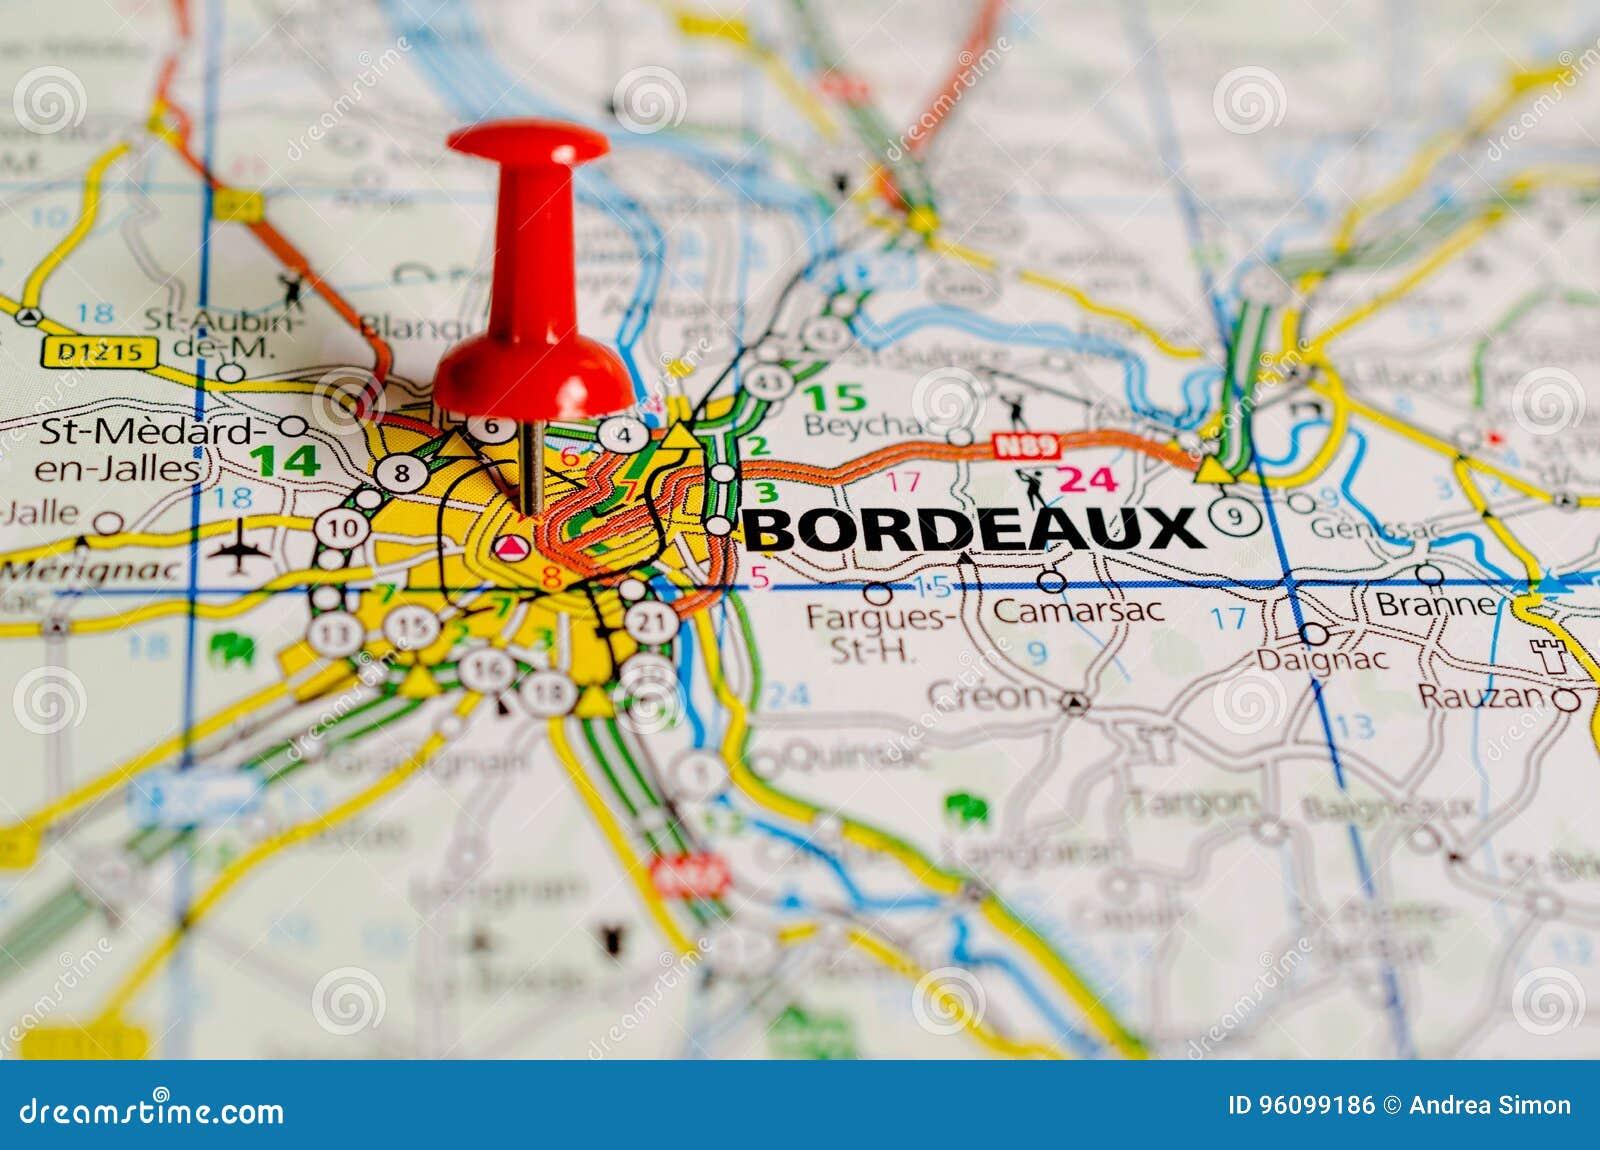 Bordeaux Old Town Map Stadtplan Von Bordeaux Die Altstadt